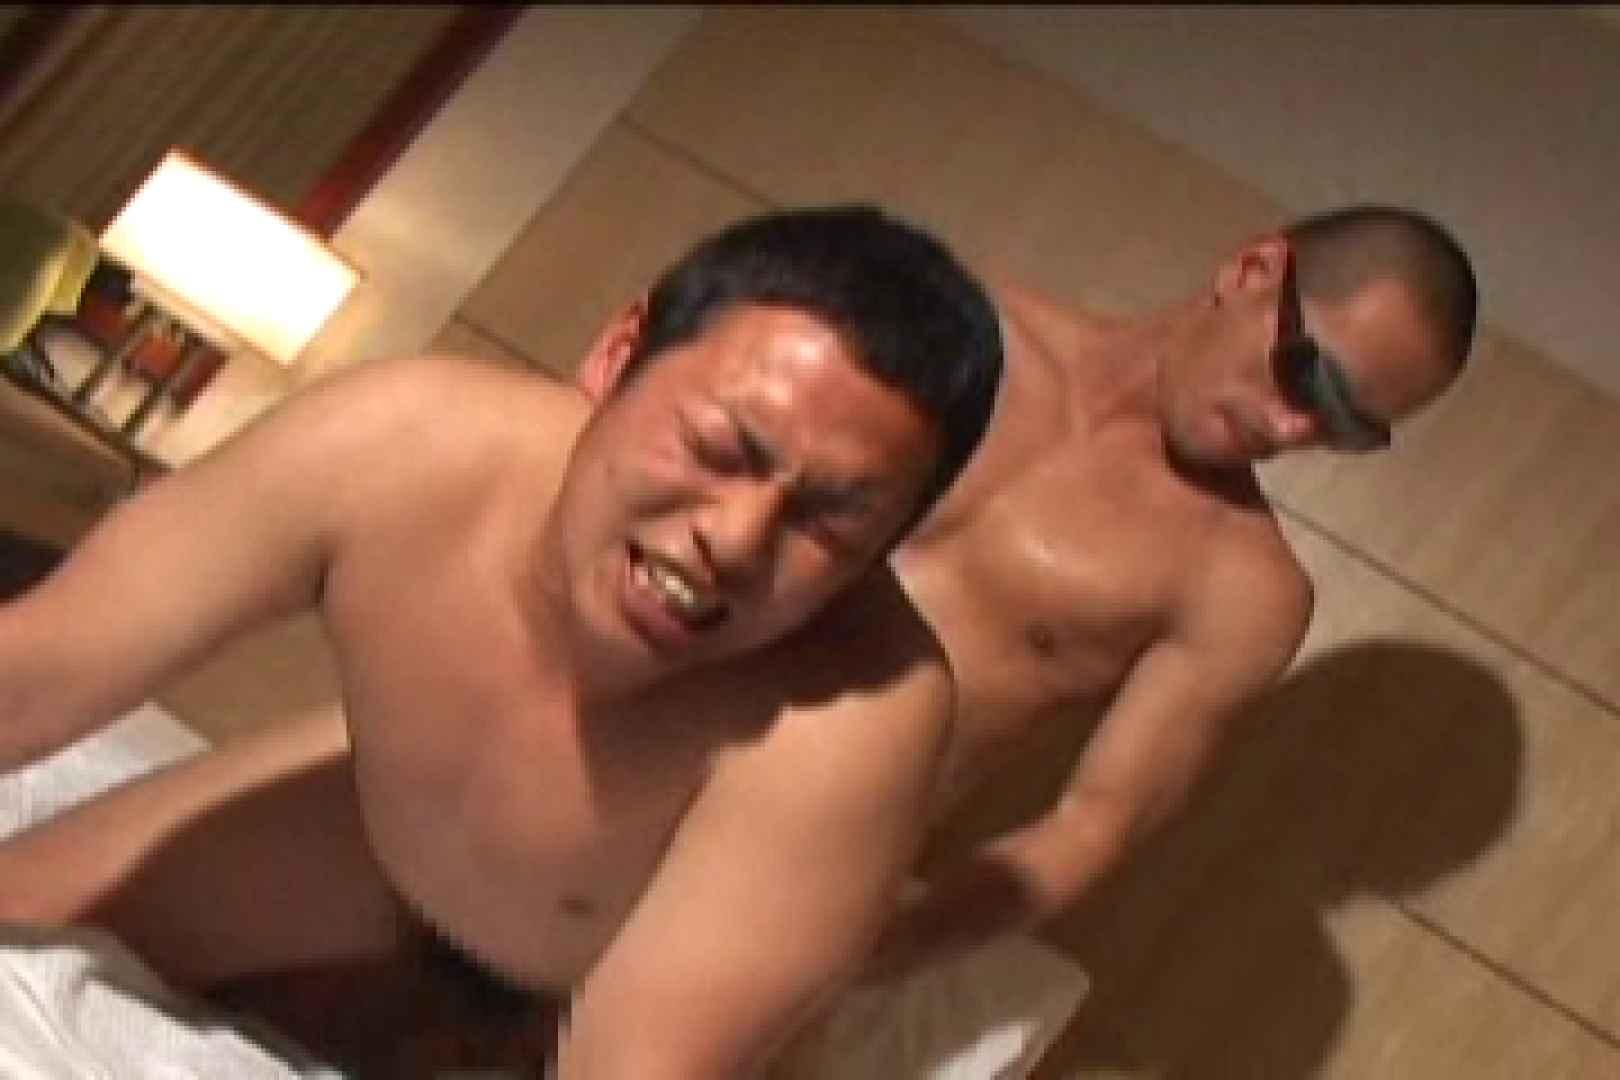 スポMENファック!!反り勃つ男根!!vol.6 ゲイのキス ゲイ丸見え画像 112pic 94